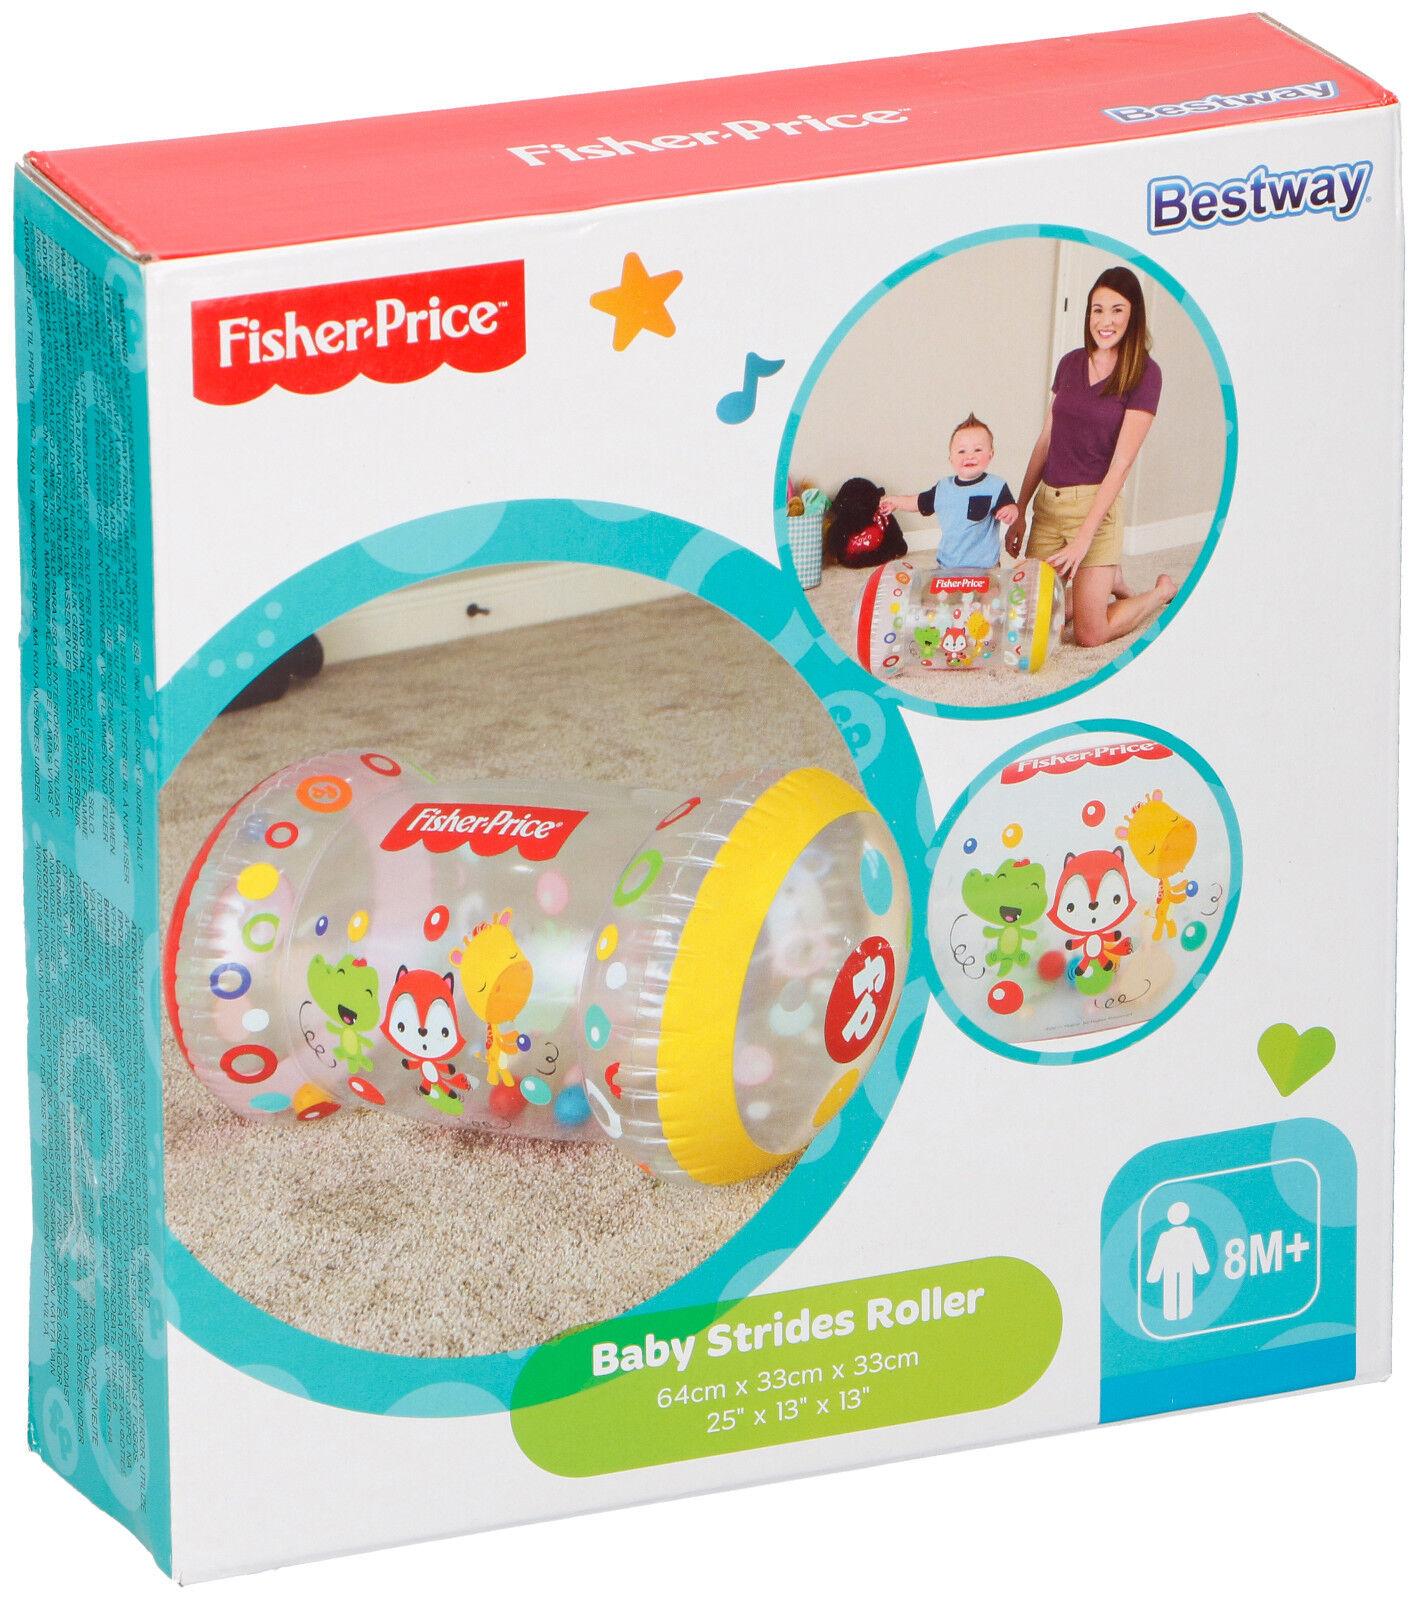 Fisher-Price Krabbelrolle Babyrolle Spielzeugrolle mit Rasselbälle Bestway NEU